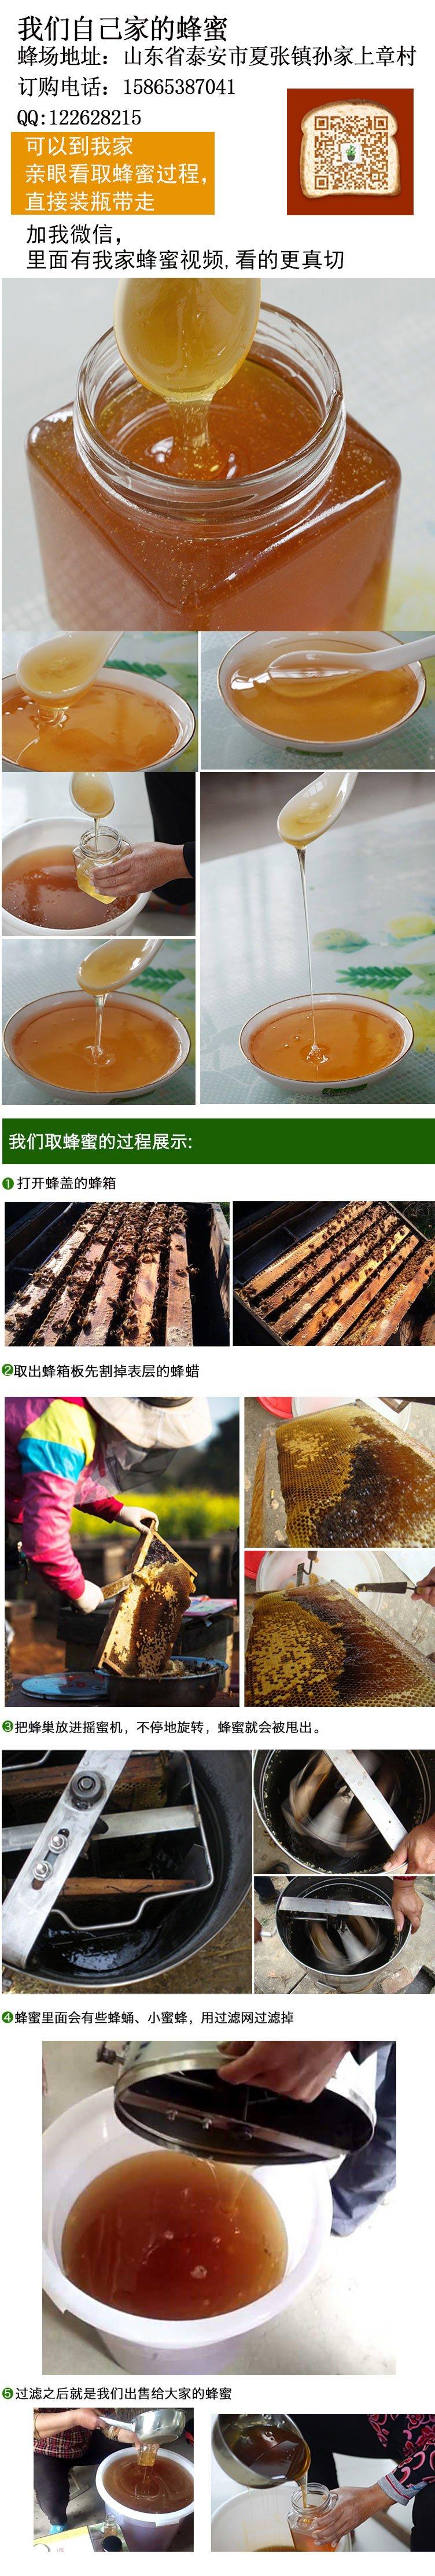 蜂蜜纯天然.jpg